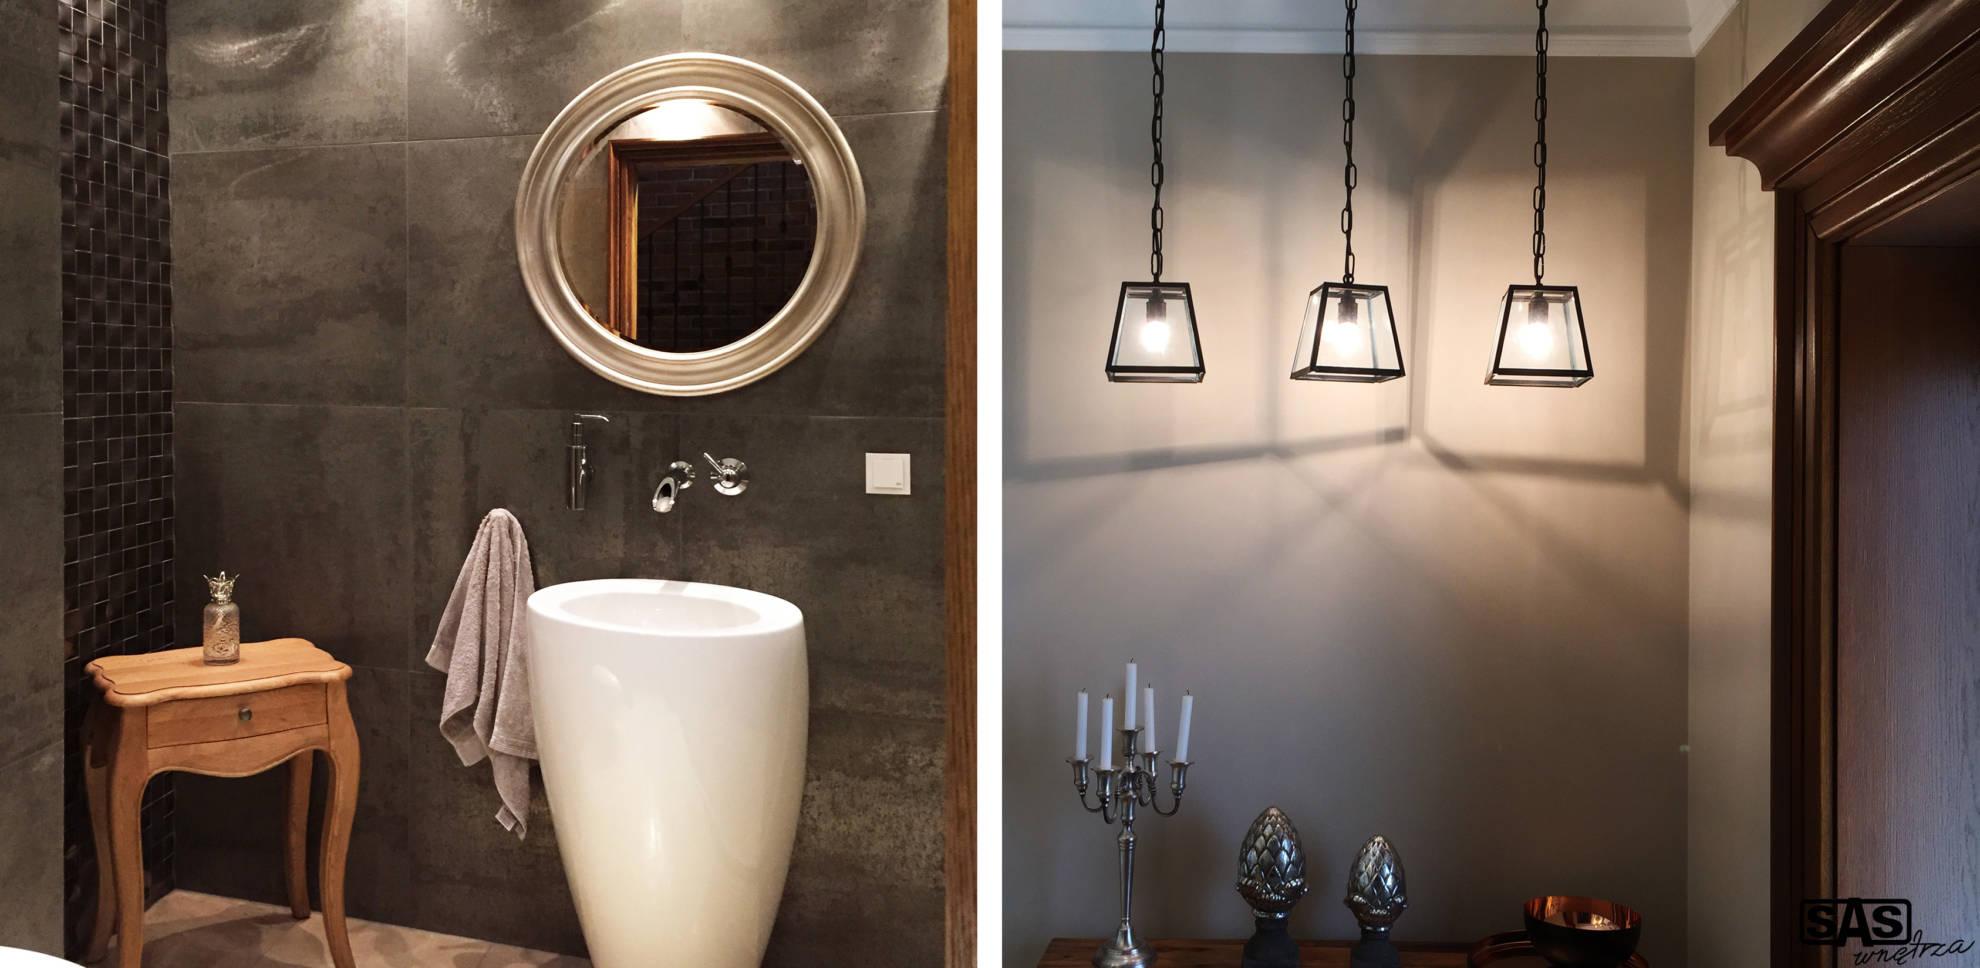 Aranżacja łazienki w domu jednorodzinnym - projekt architekt wnętrz Emilia Strzempek Plasun